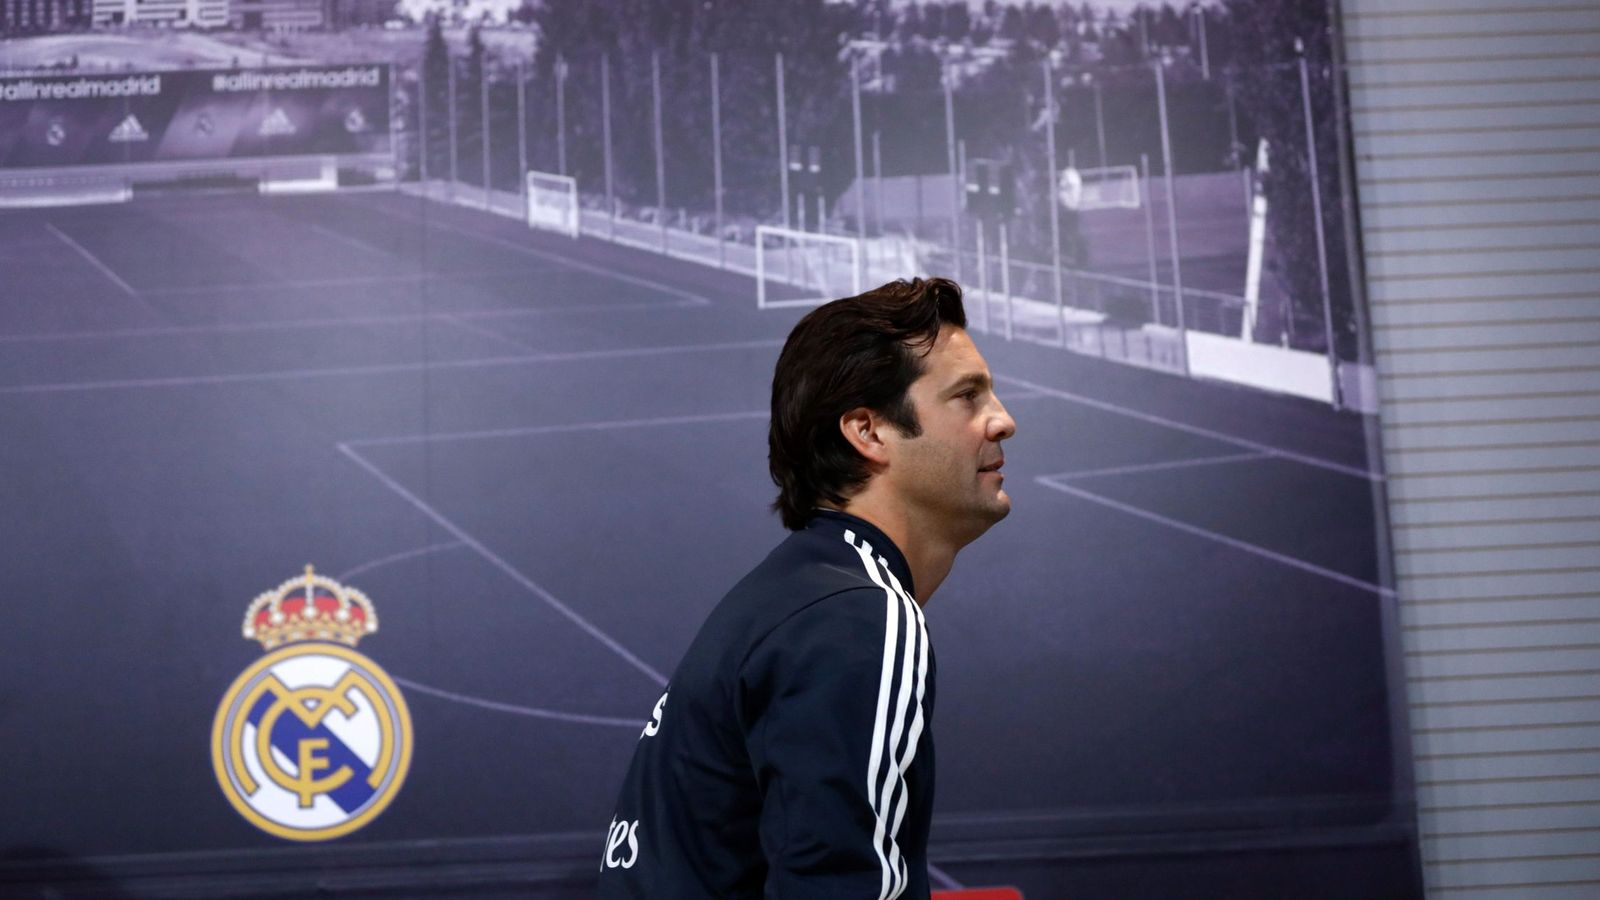 Foto: Santiago Solari, tras dar su primera rueda de prensa como entrenador provisional del Real Madrid. (EFE)